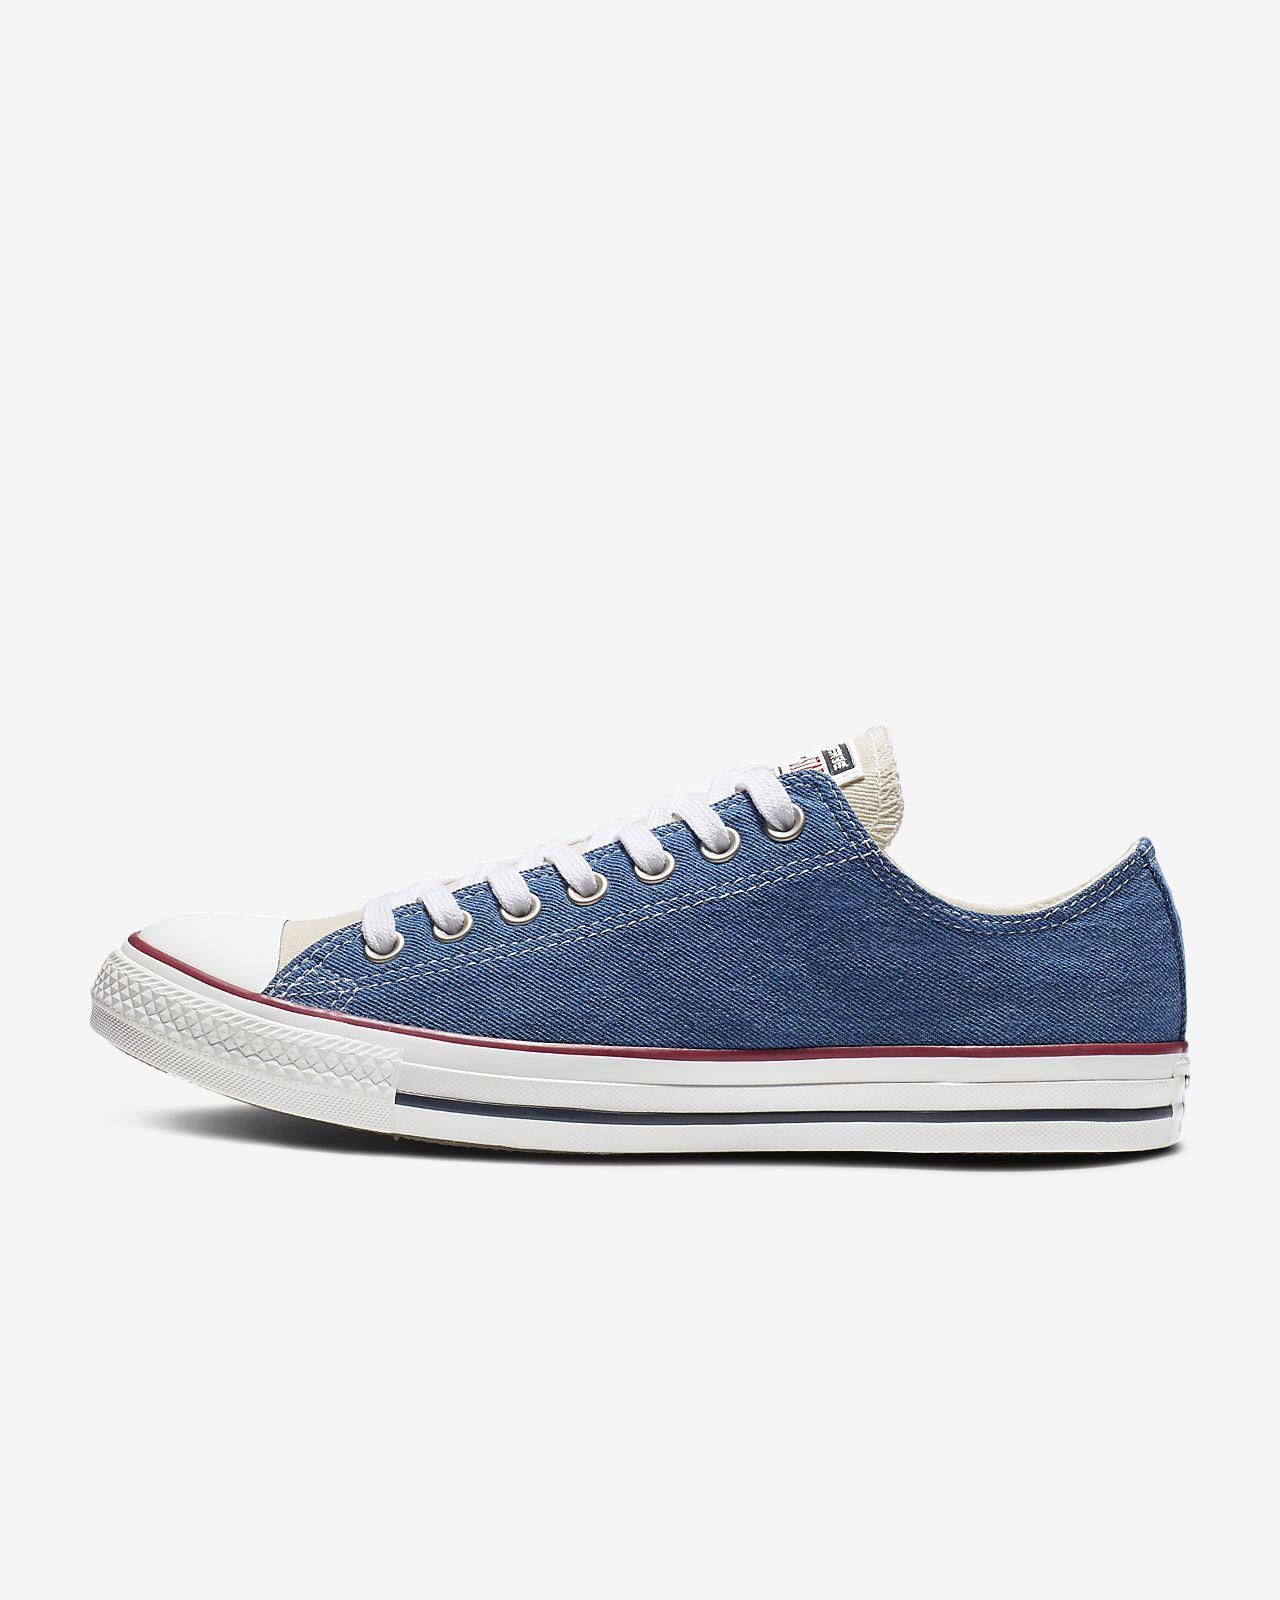 Chuck Taylor Denim Low Top Unisex Shoe